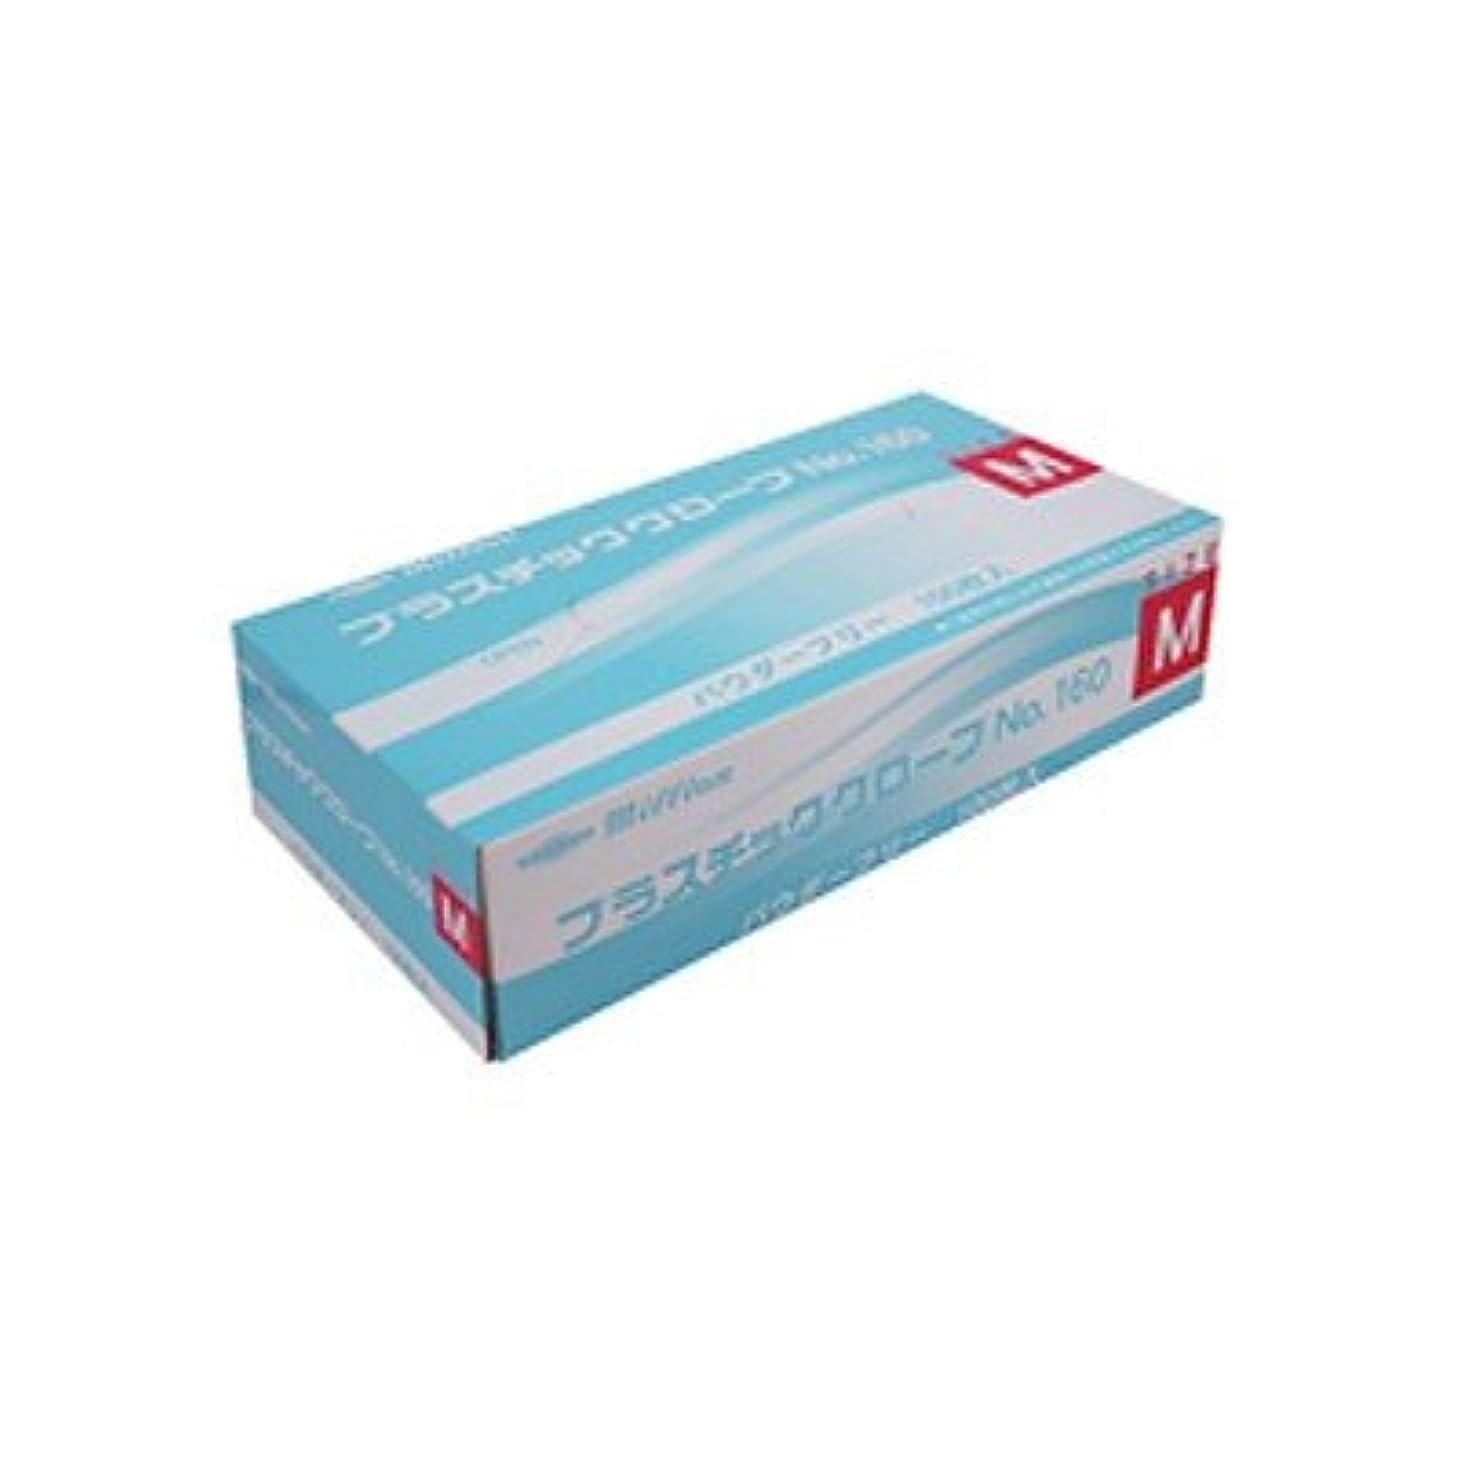 ユダヤ人マガジン眉をひそめるミリオン プラスチック手袋 粉無 No.160 M 品番:LH-160-M 注文番号:62741606 メーカー:共和